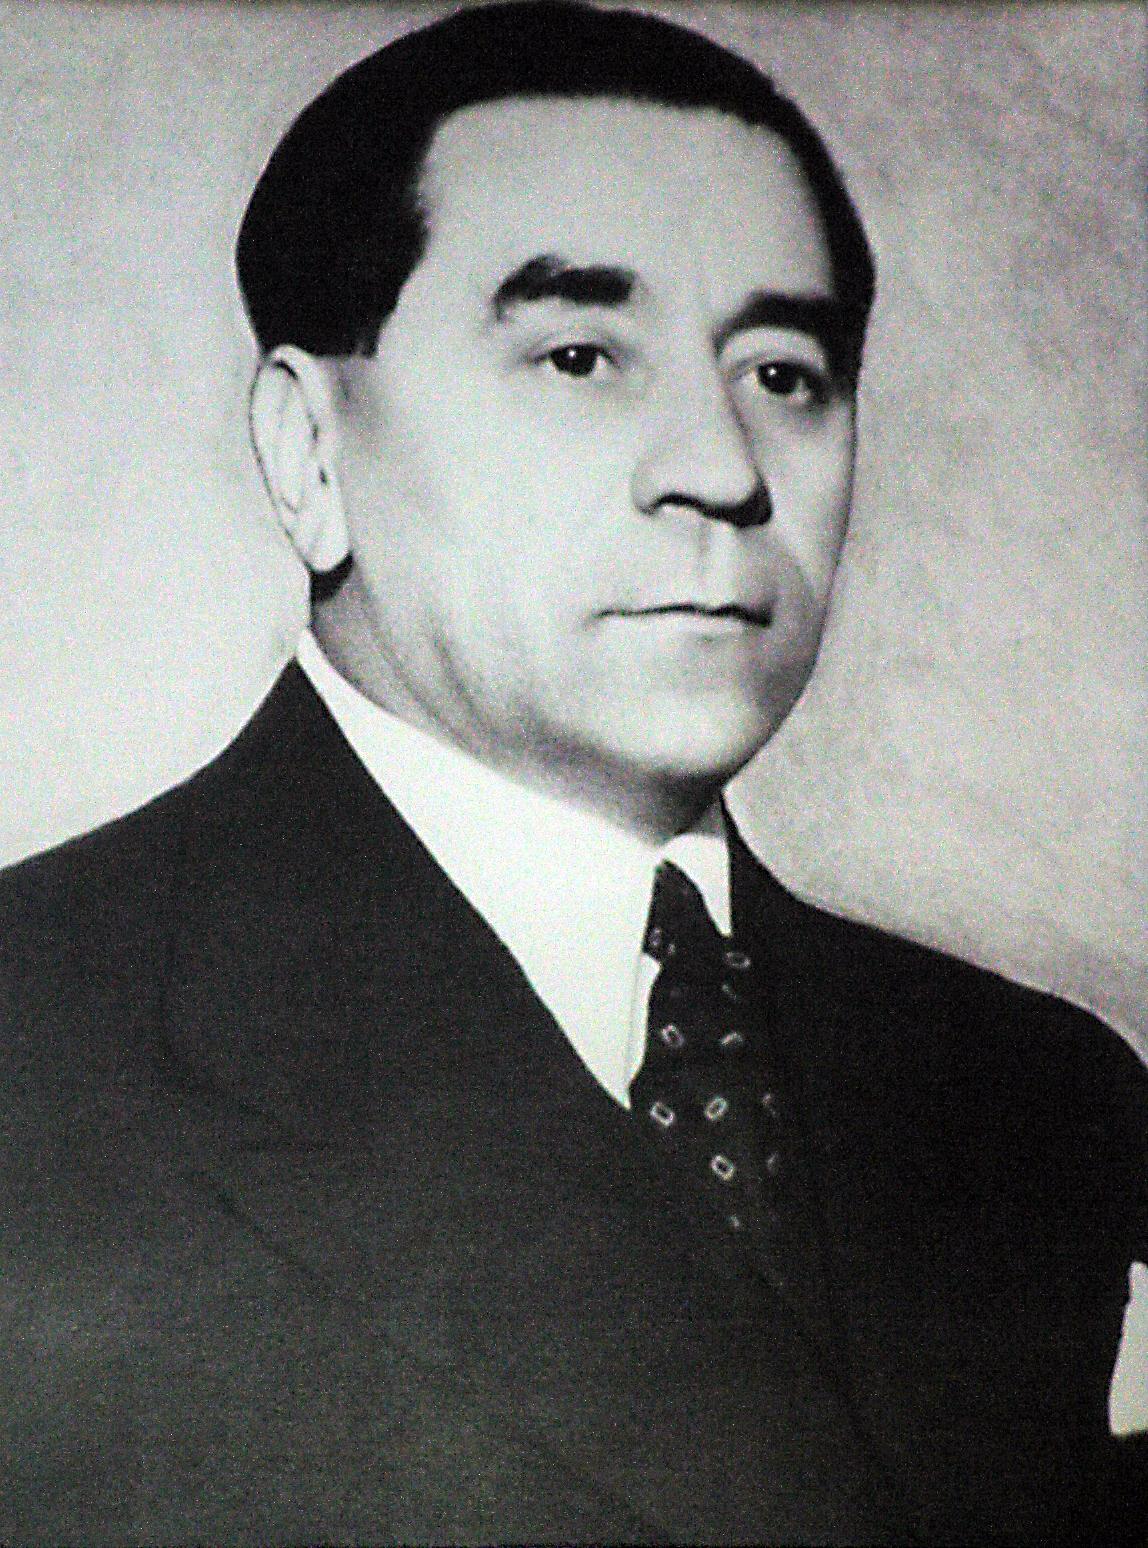 Tătărescu, Gheorghe